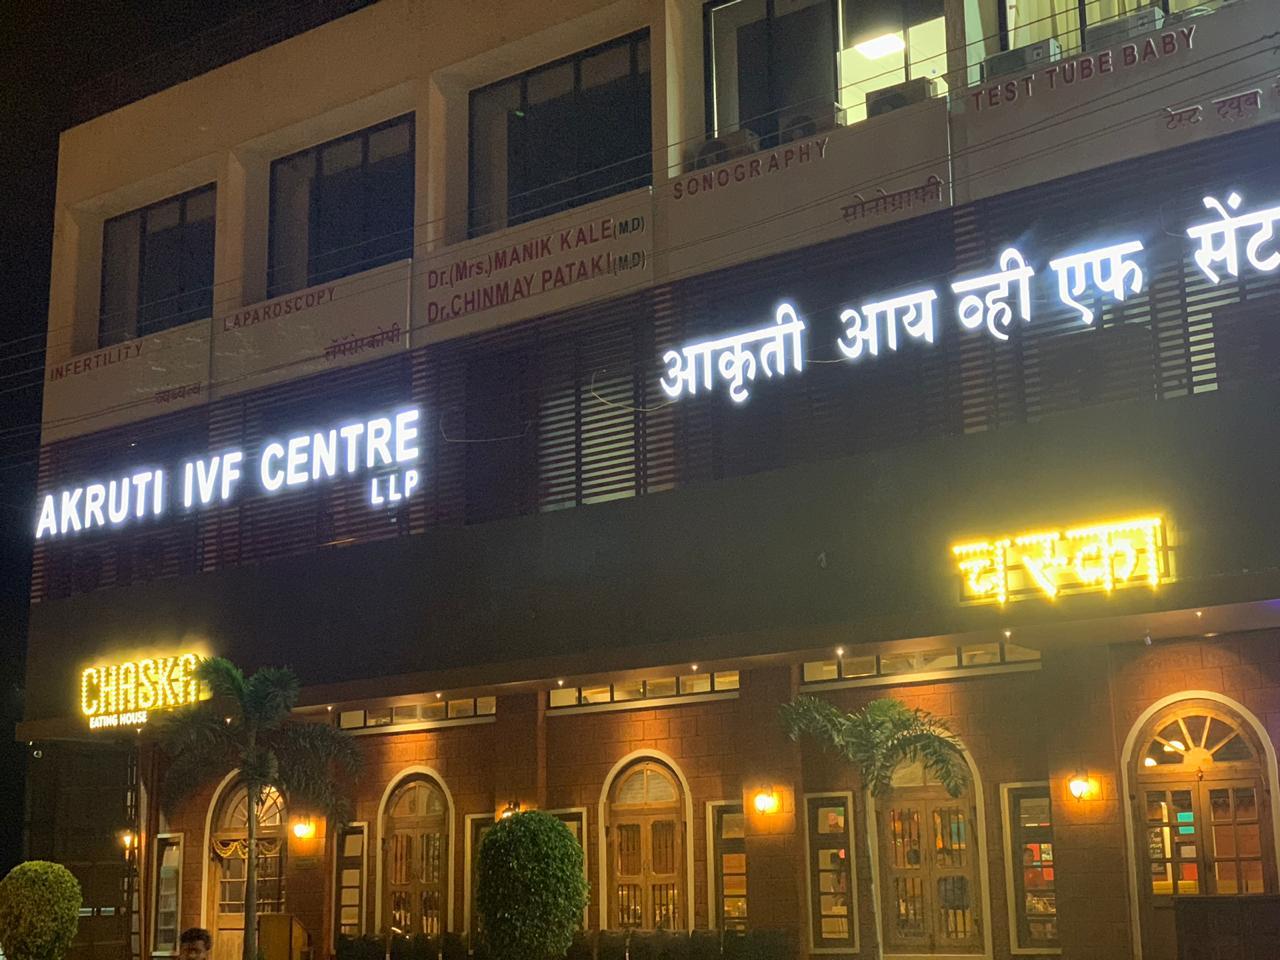 Akruti IVF Street View